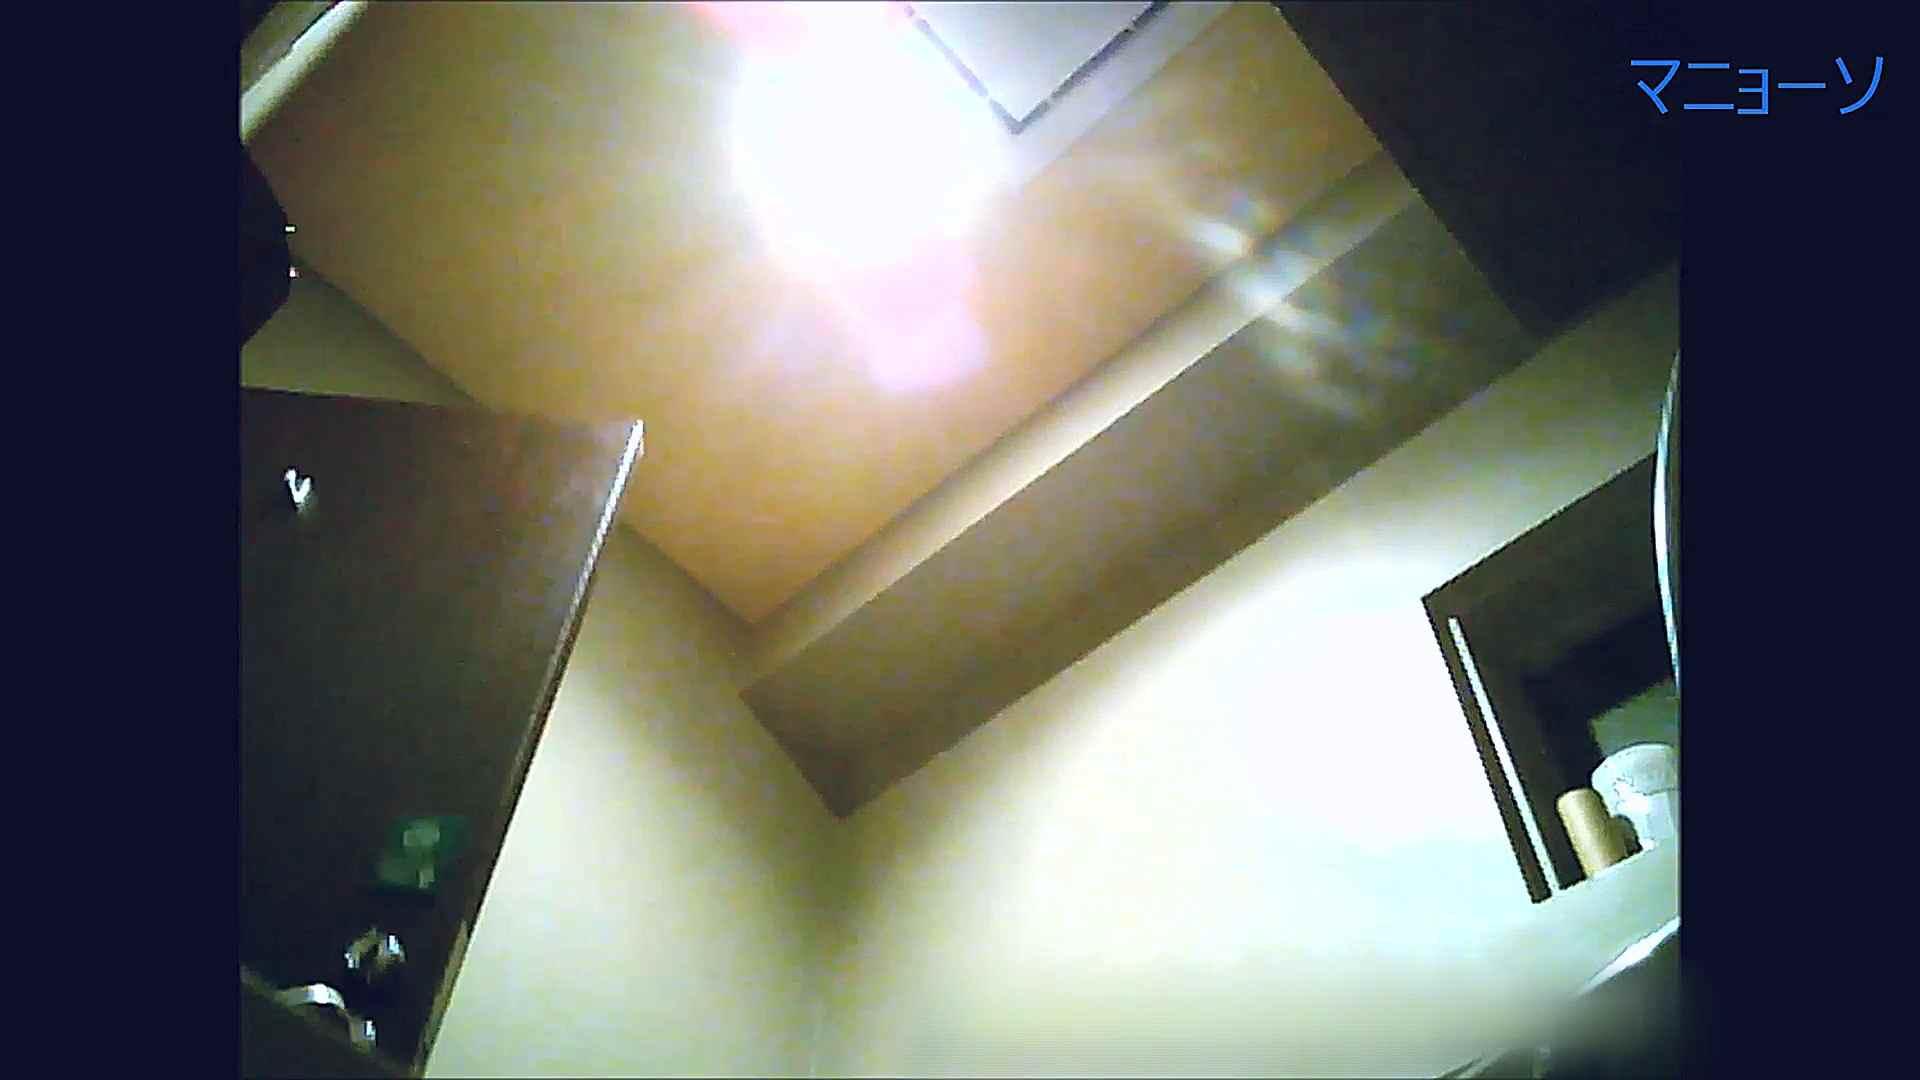 トイレでひと肌脱いでもらいました (OL編)Vol.13 OLのボディ  87PIX 70